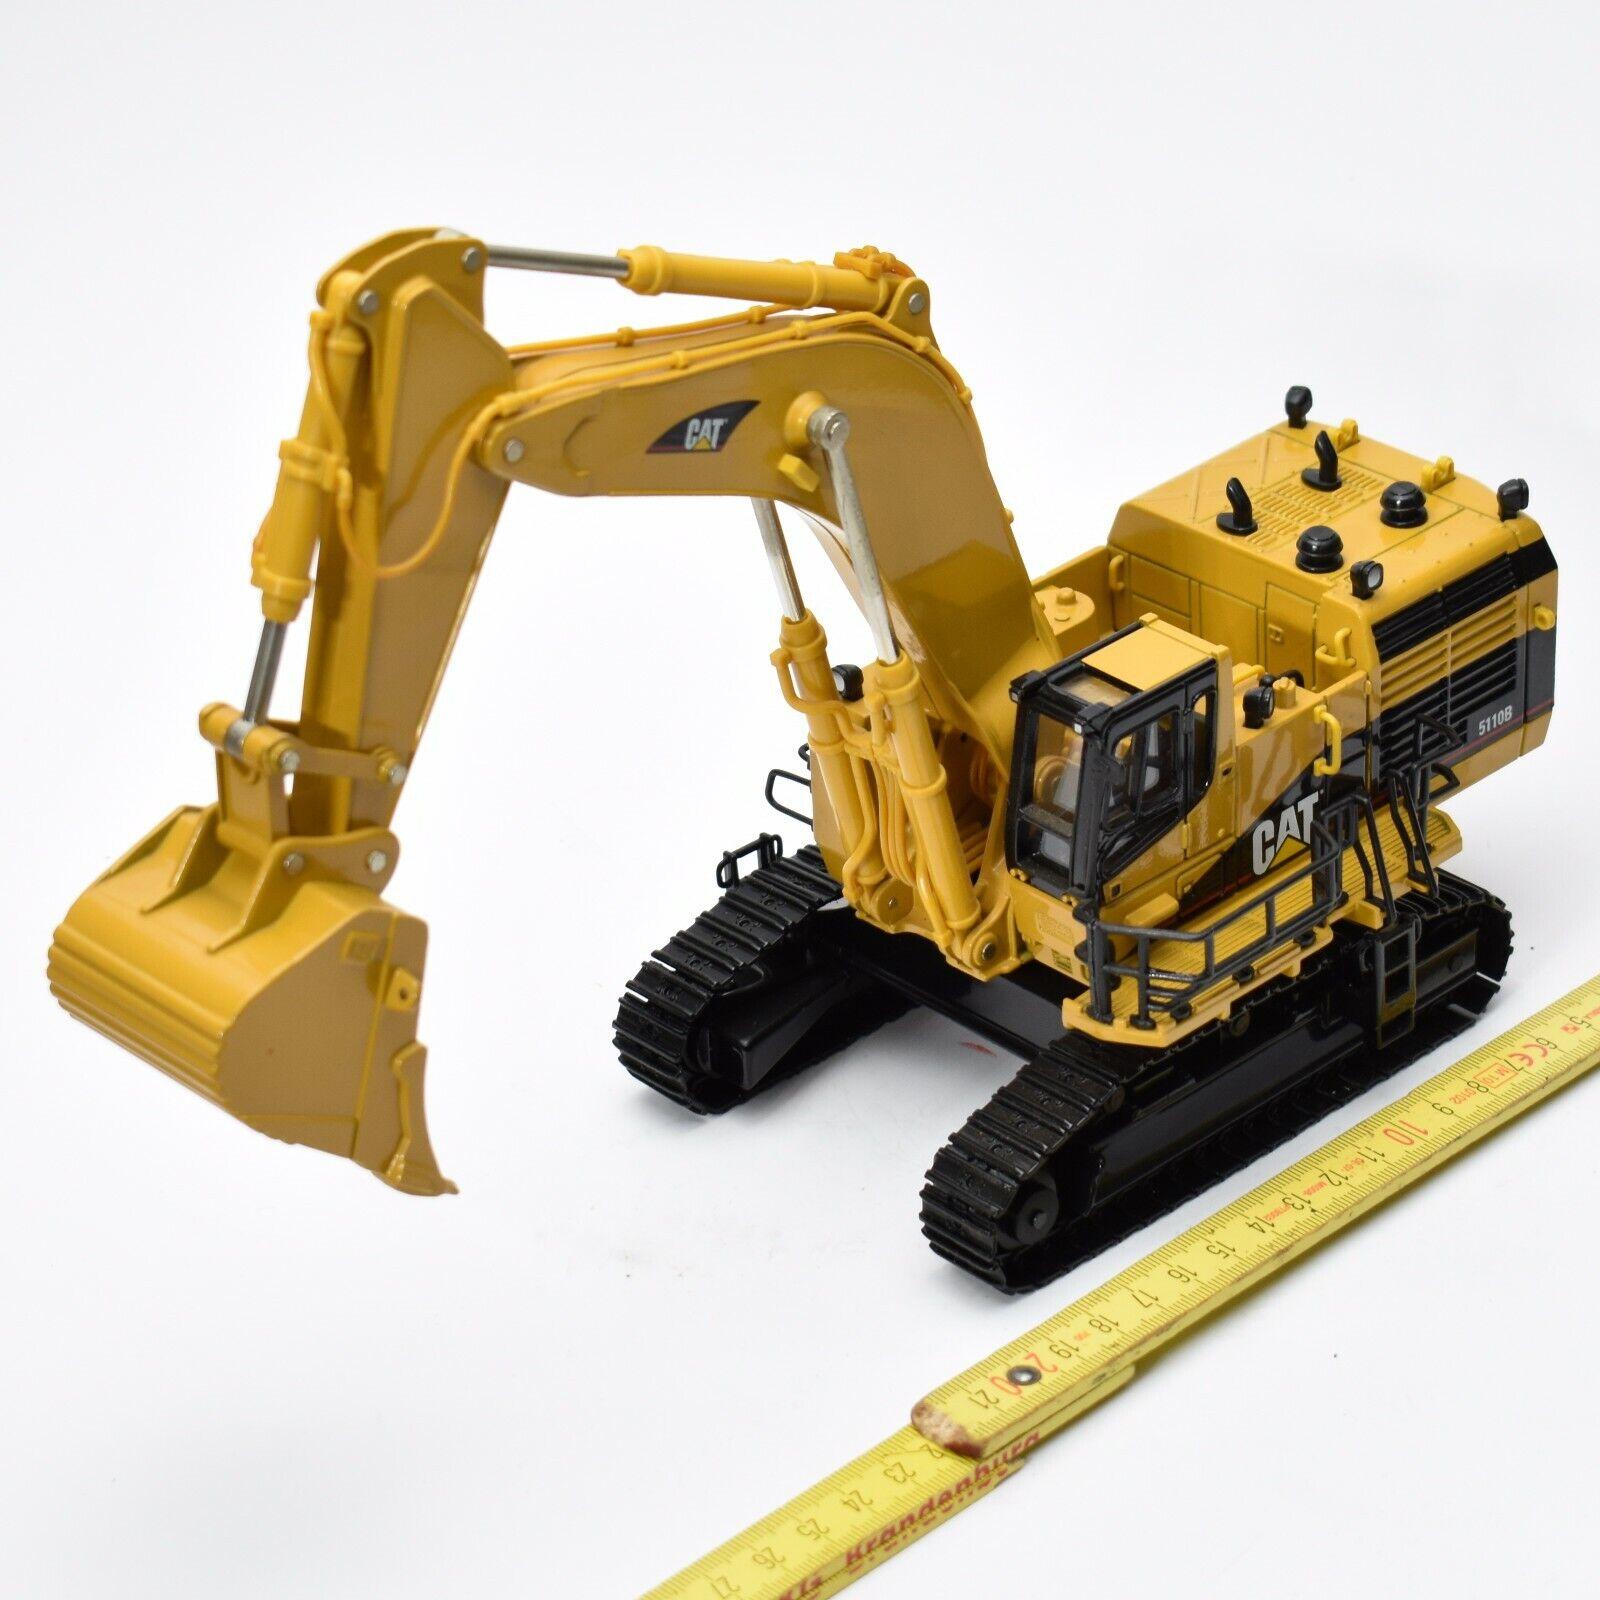 Norscot 55098 Cat 5110b trituradora excavatot excavadoras caterpillar, 1 50, s006